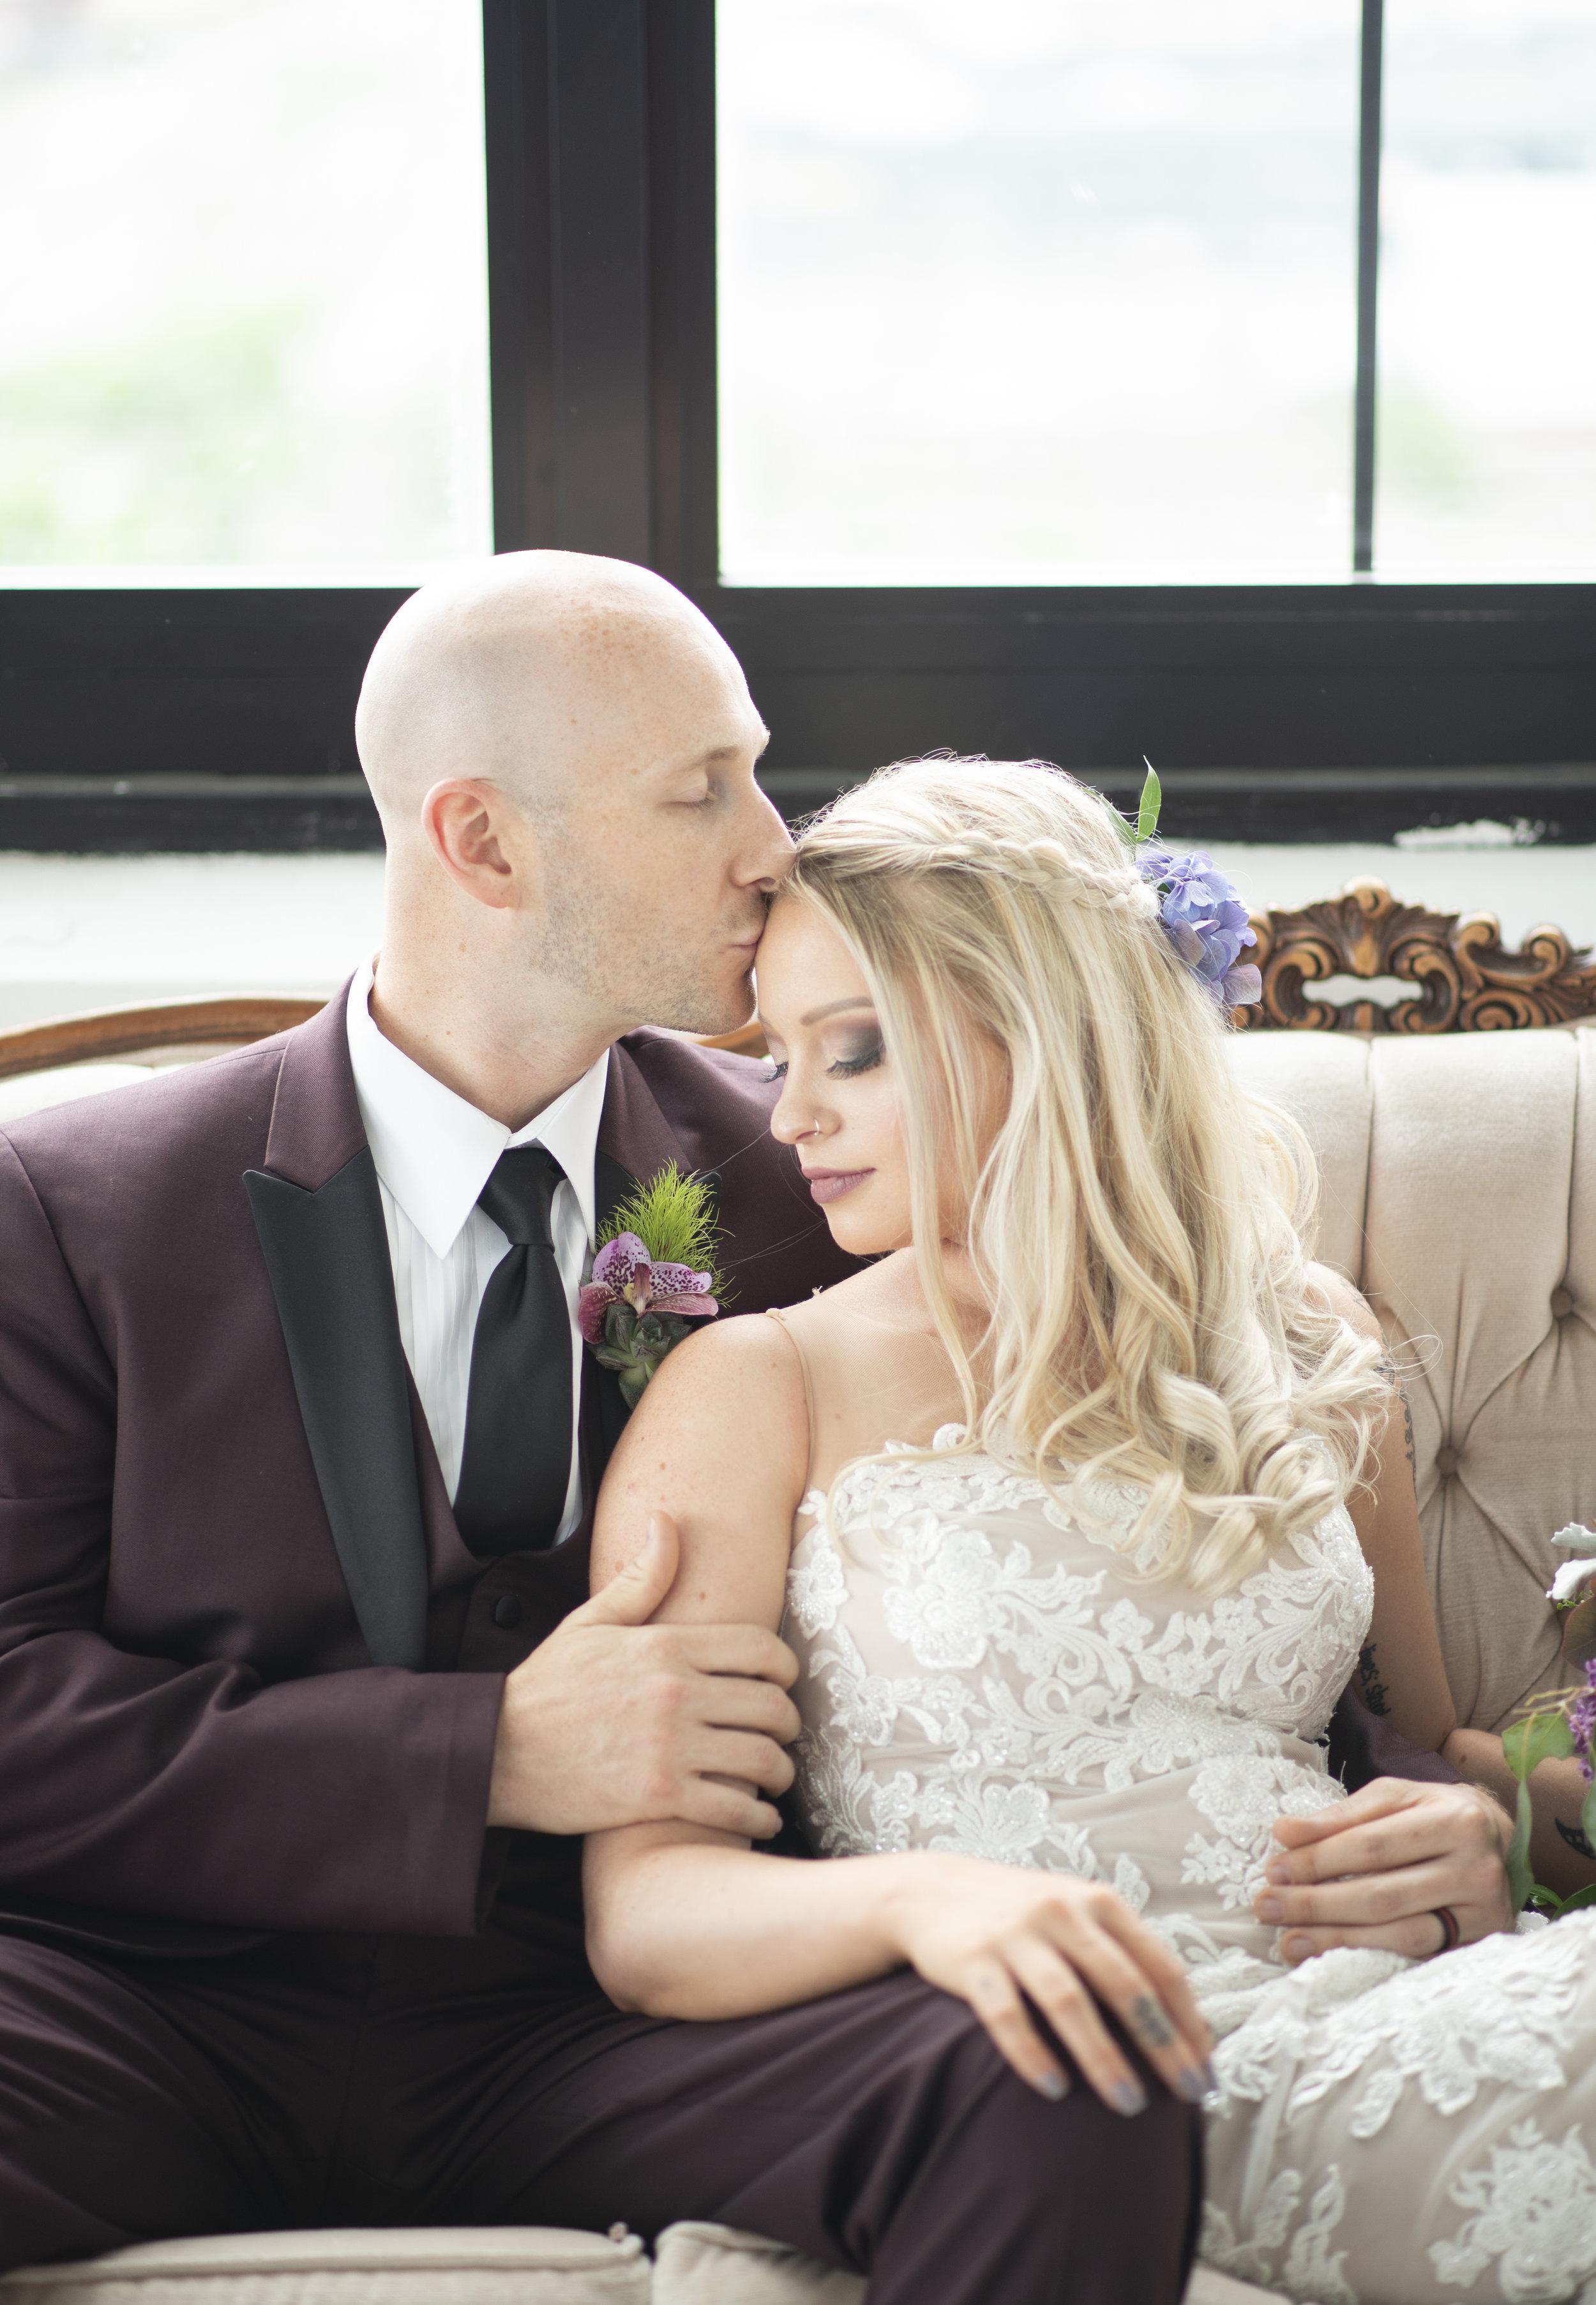 philly-fame-wedding.com